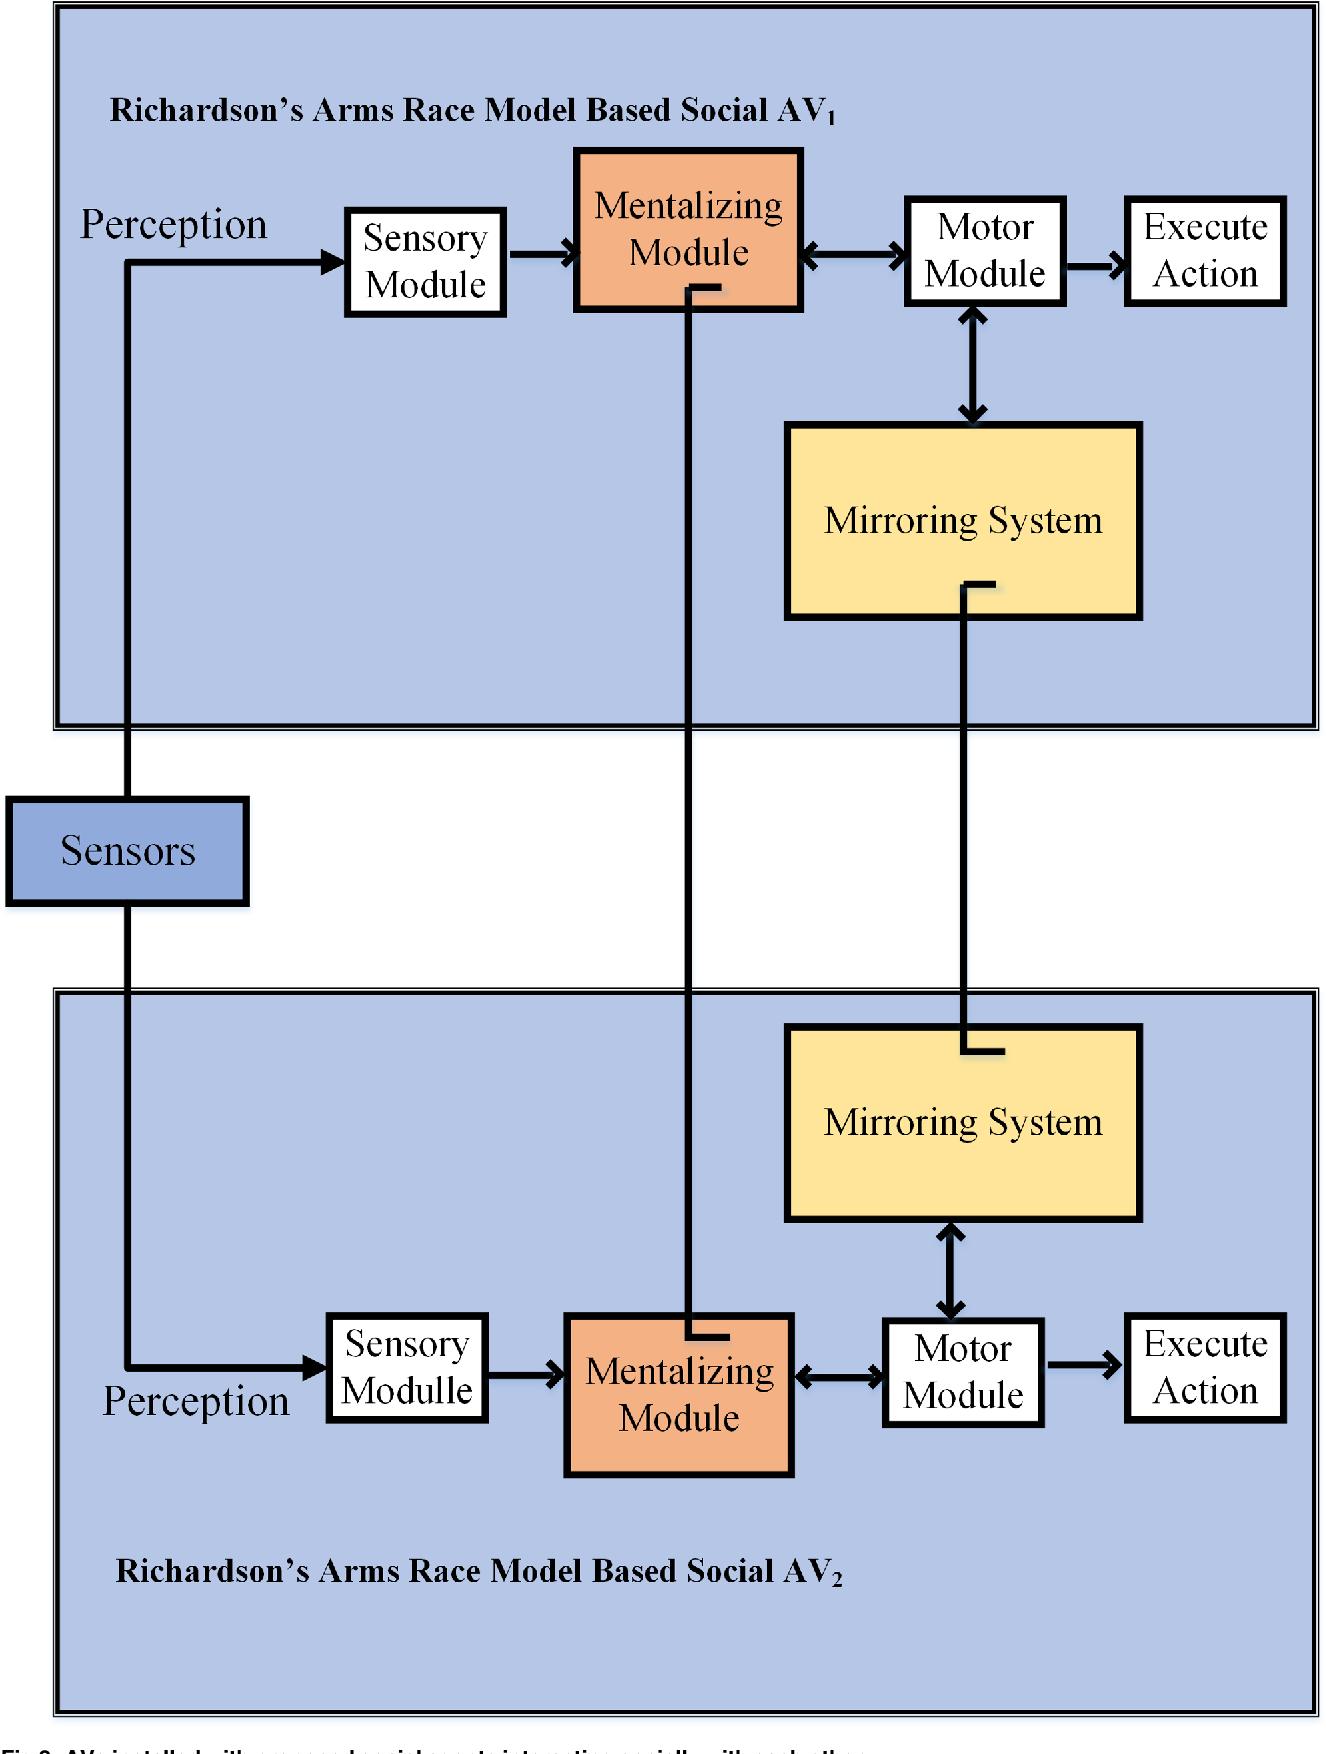 Figure 3 for Towards Social Autonomous Vehicles: Efficient Collision Avoidance Scheme Using Richardson's Arms Race Model